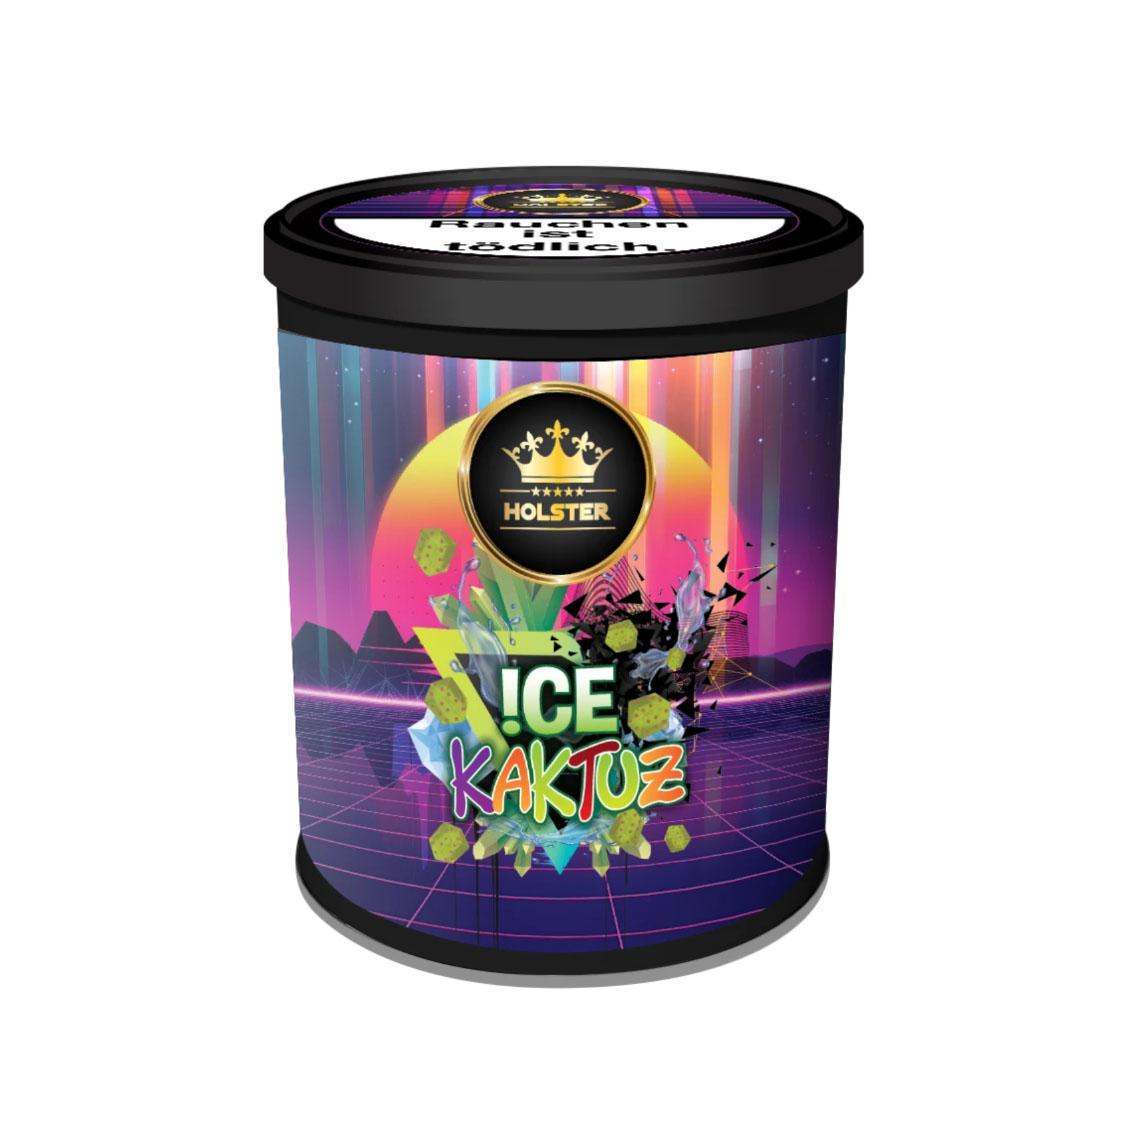 Ice Kactuz - 200g